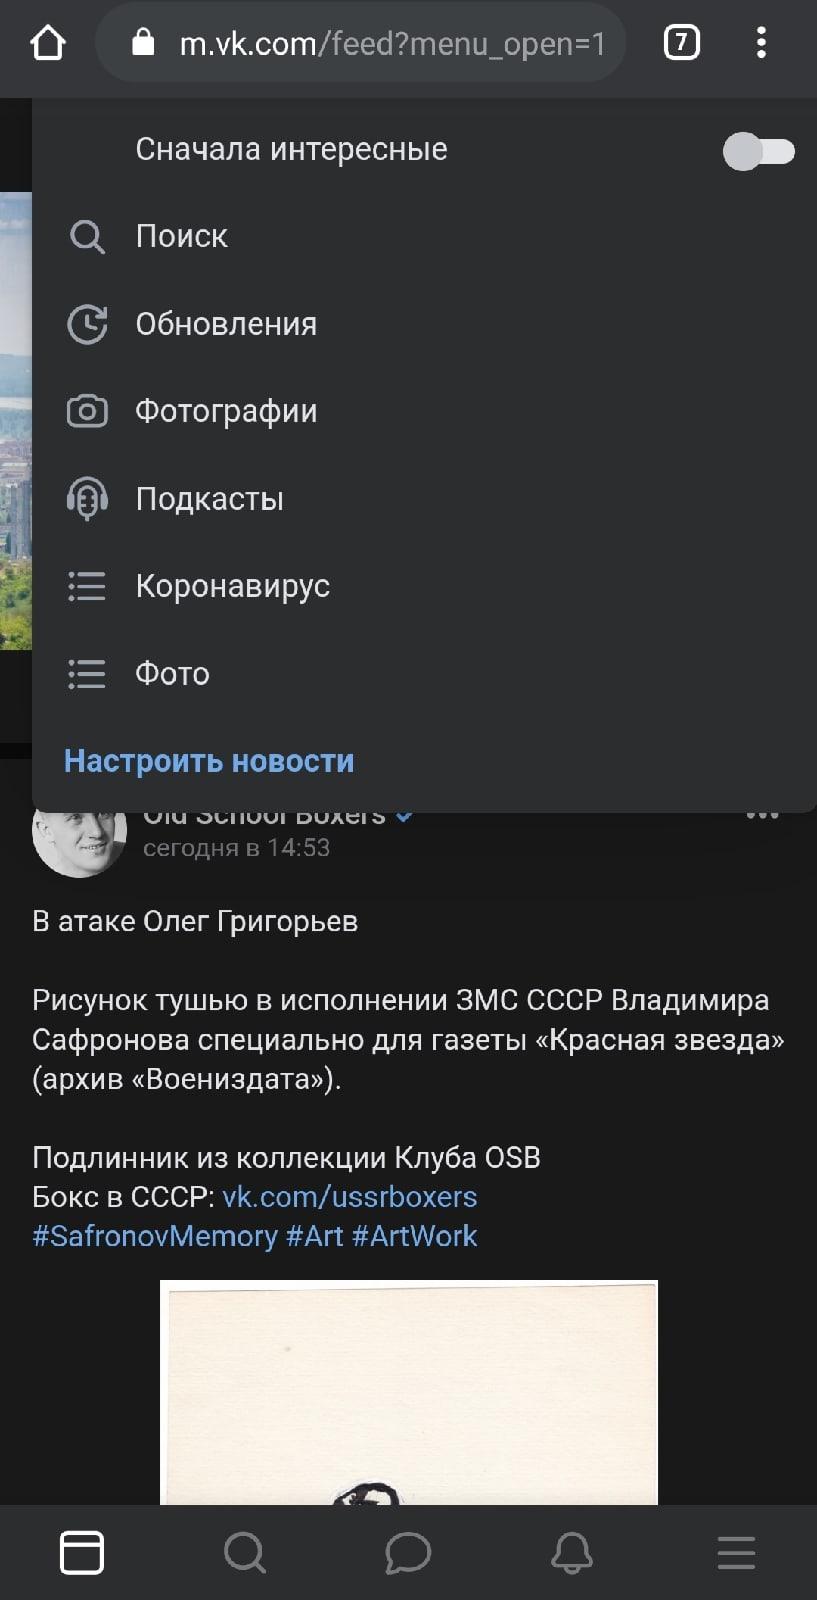 mobilnaya-versiya-vkontakte-so-smartfona.jpg